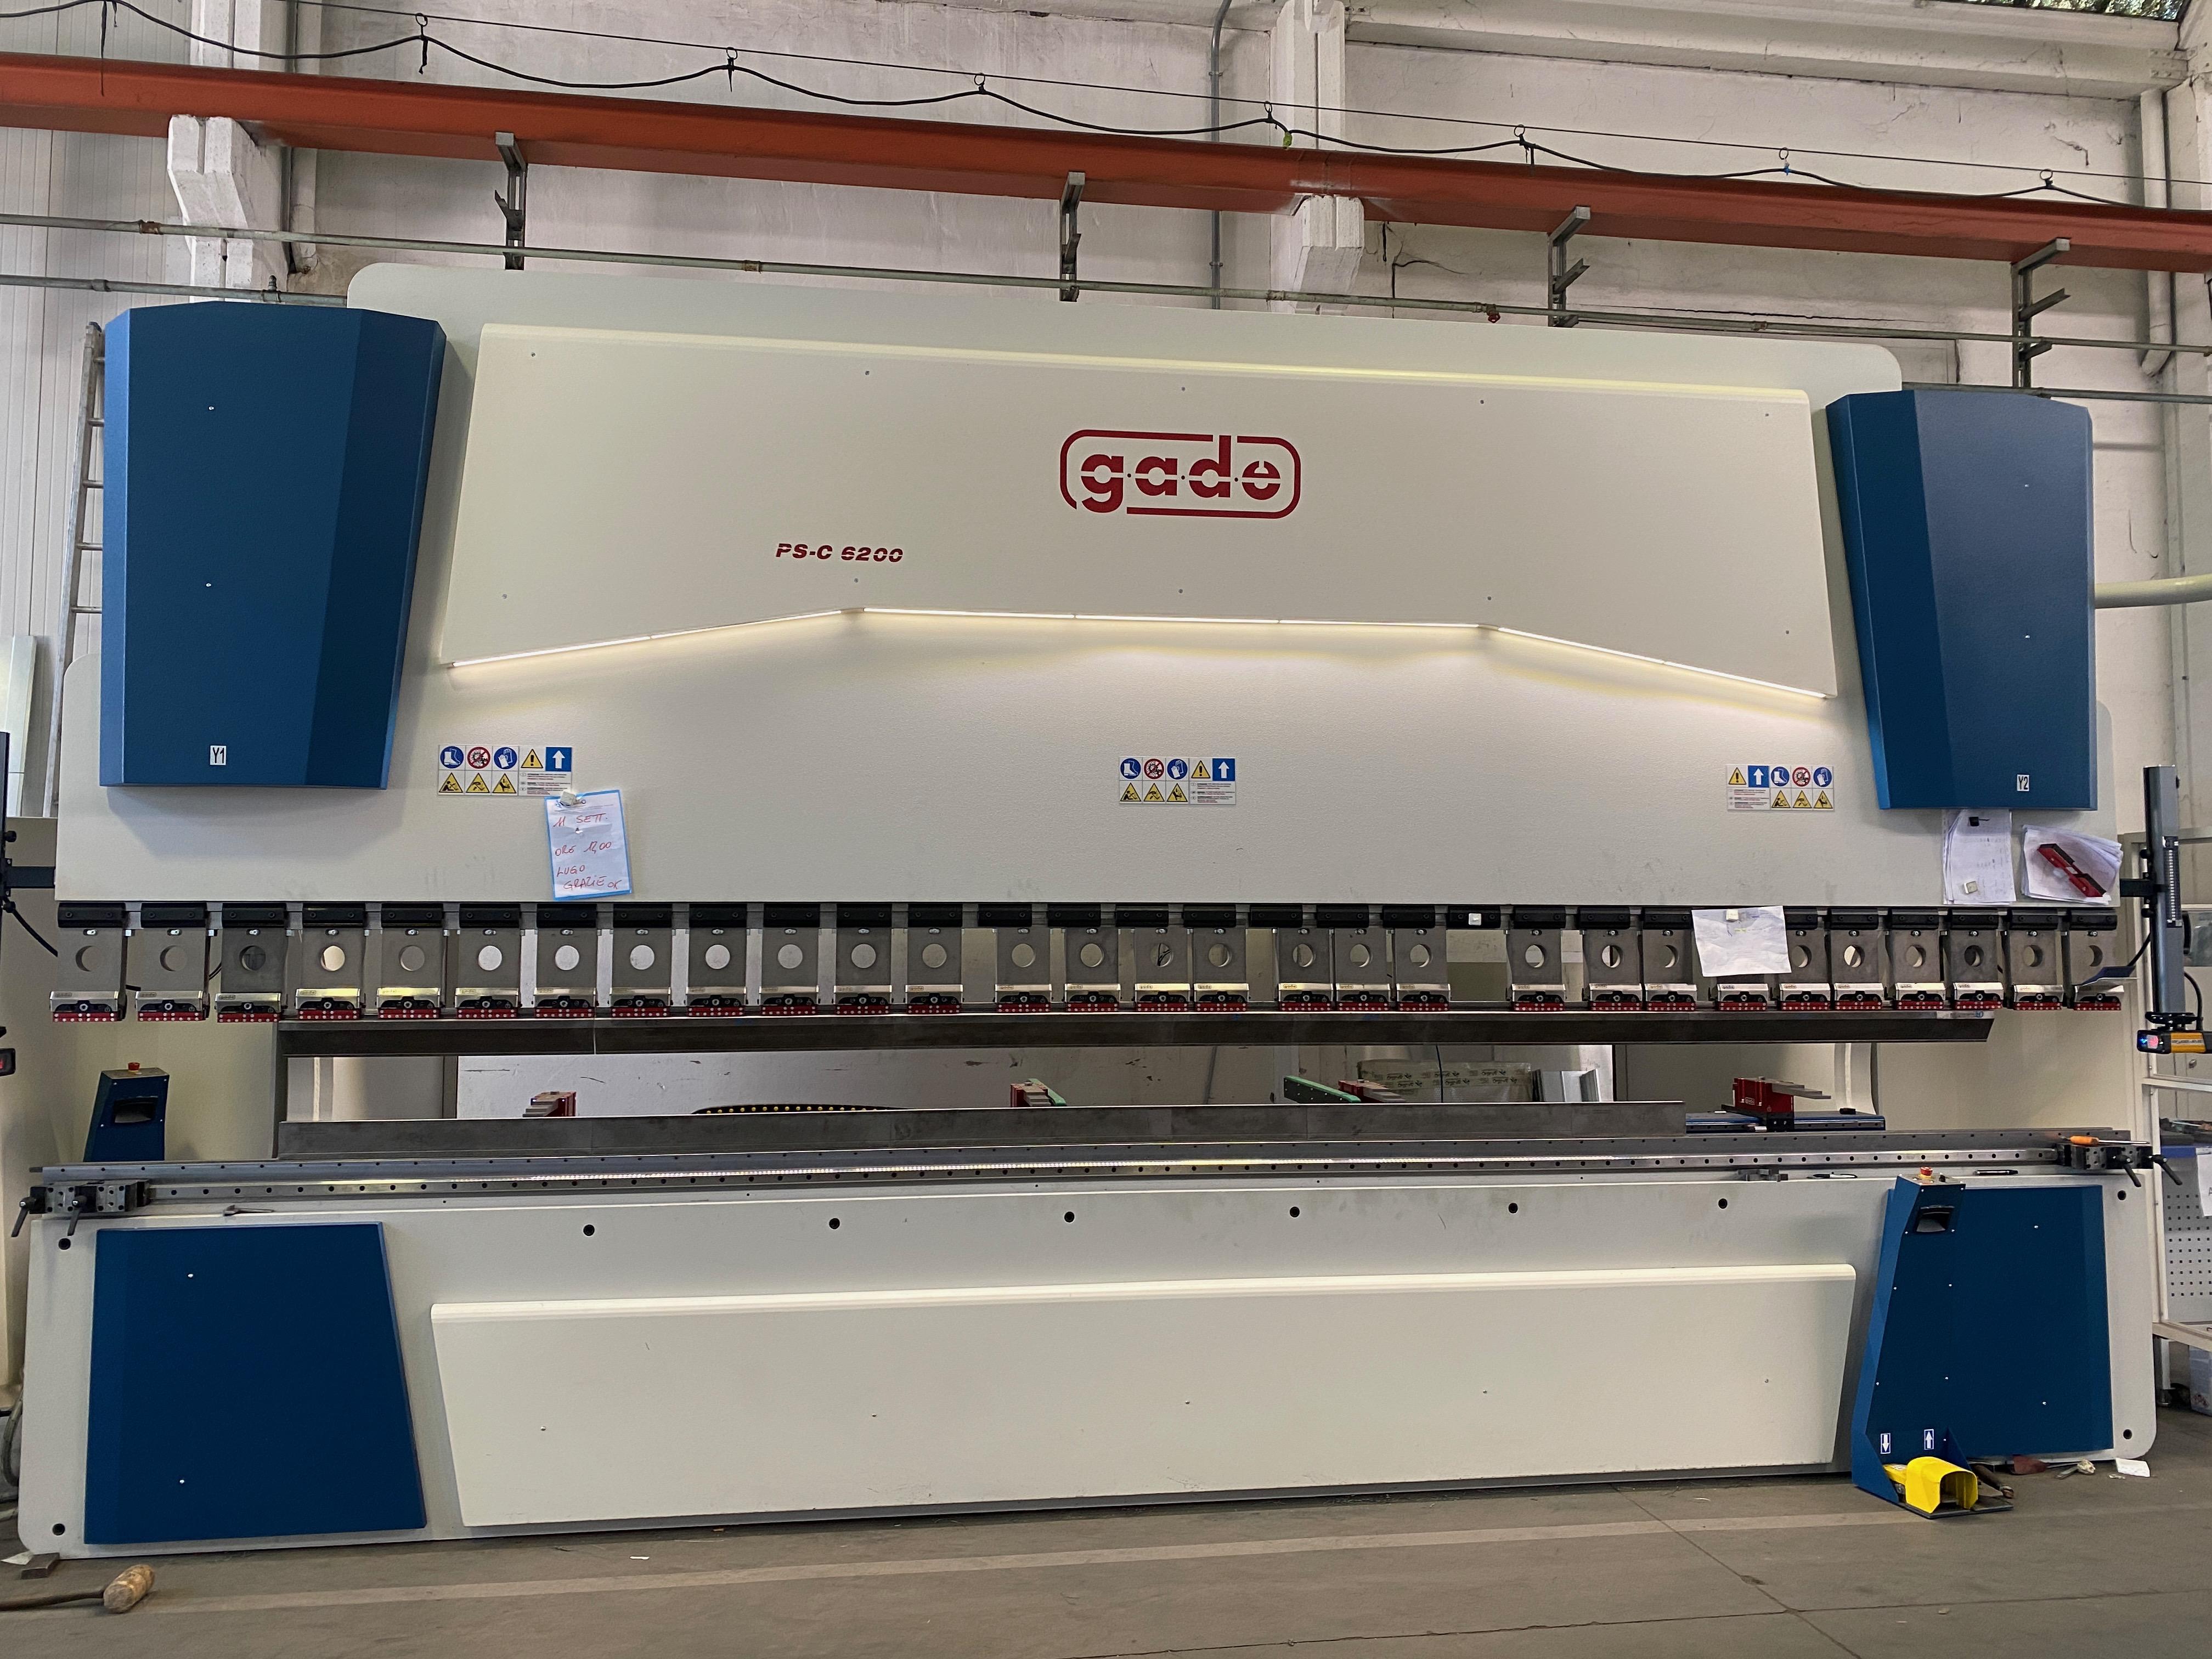 PS-C 6200